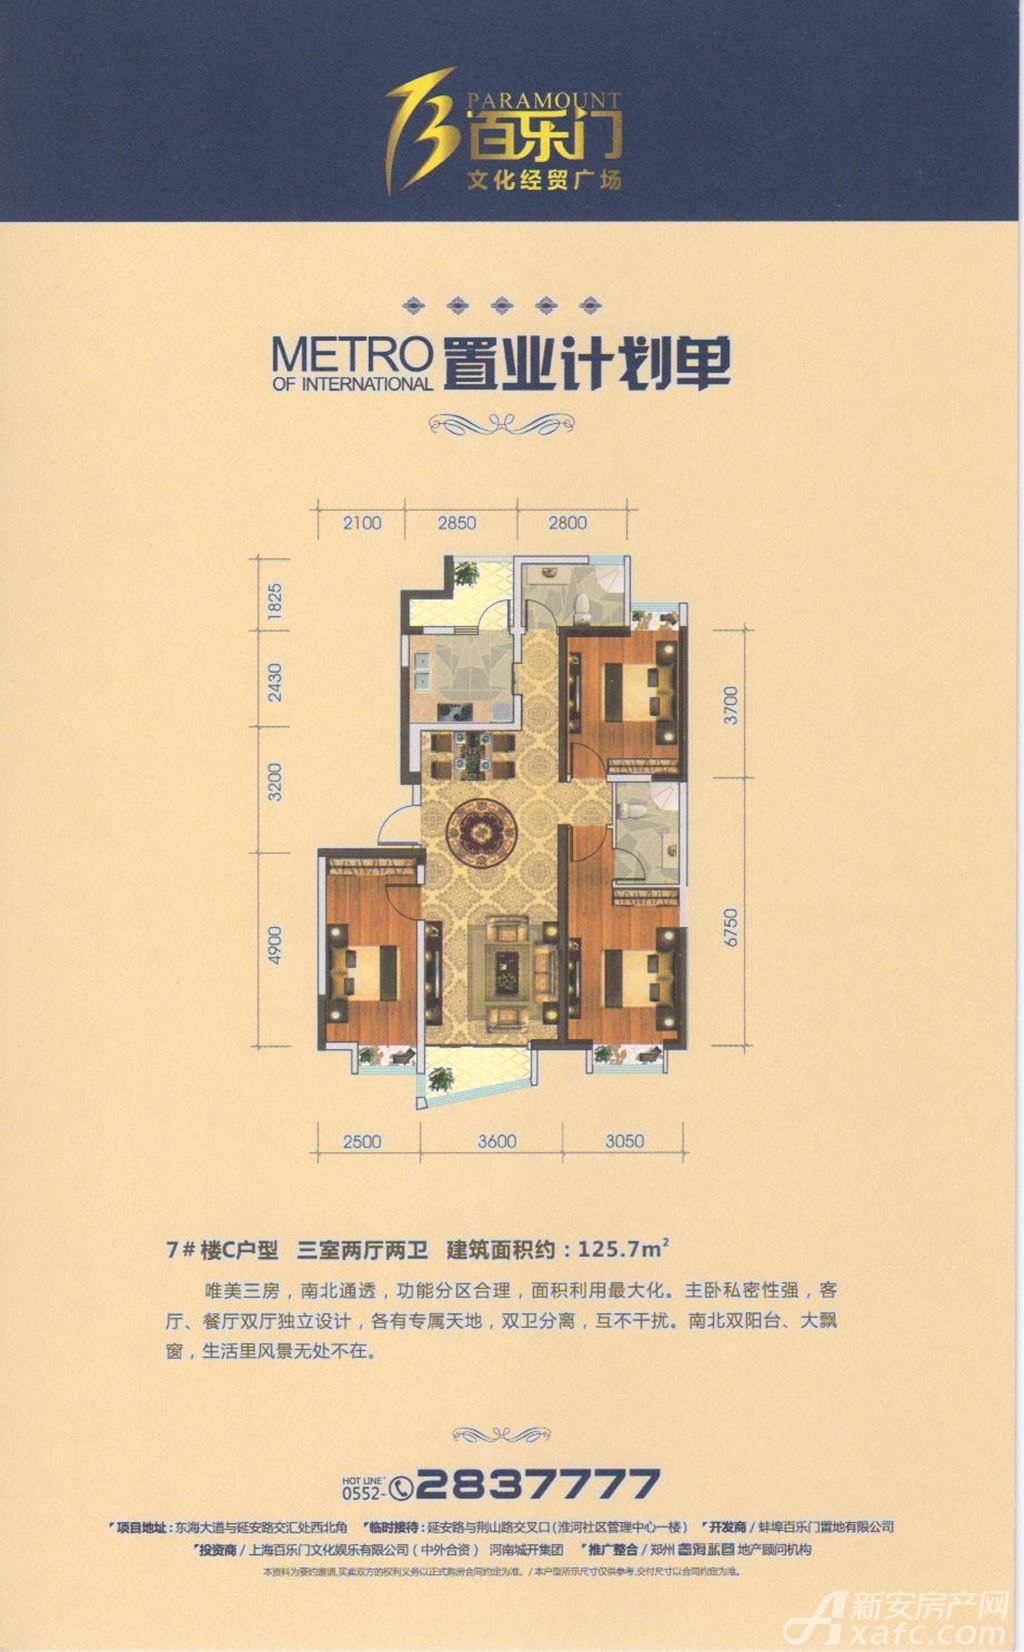 蚌埠百乐门文化经贸广场7#C户型3室2厅125.7平米